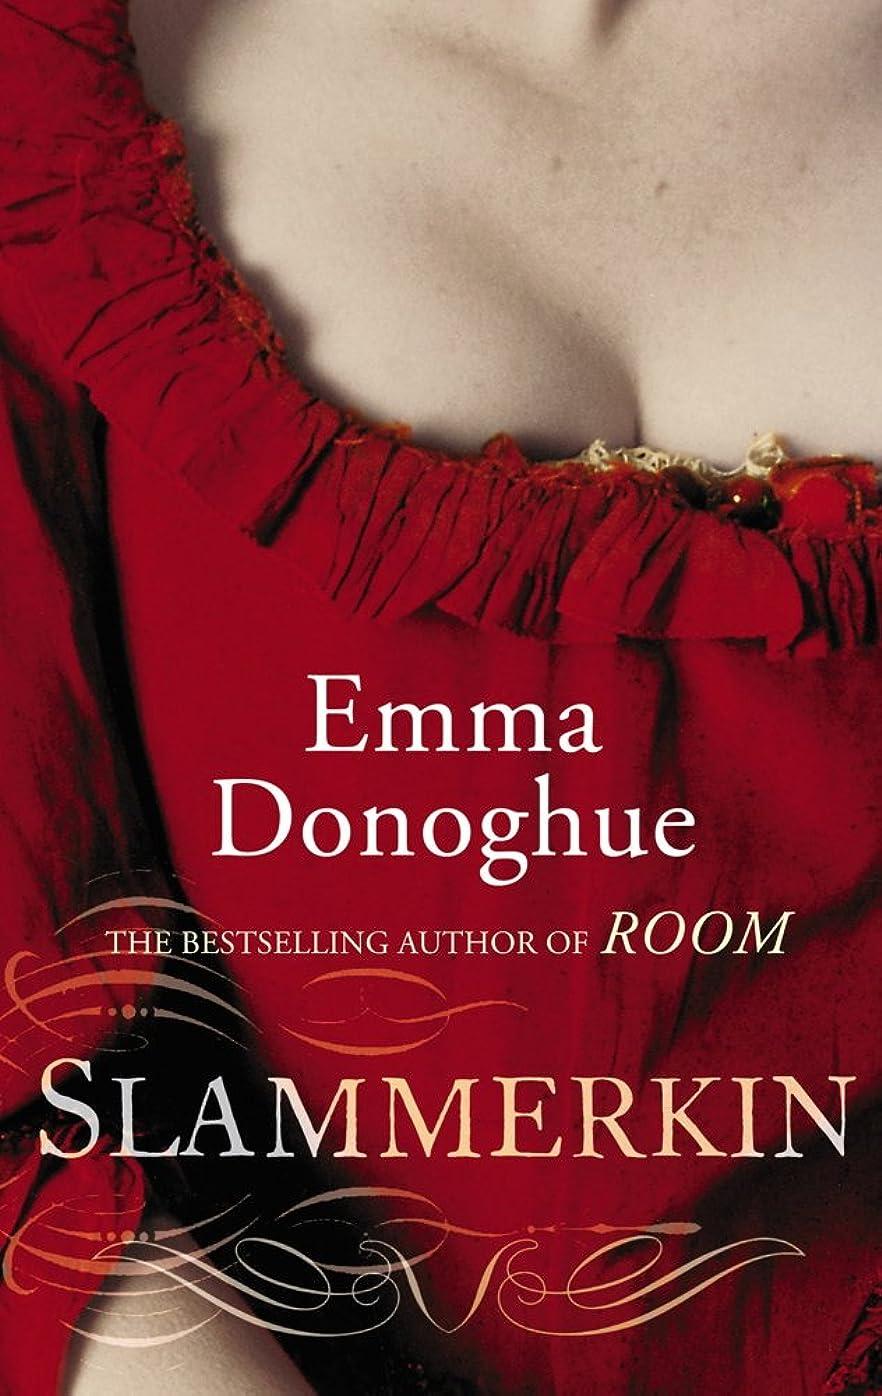 定刻真実に異邦人Slammerkin (Virago Modern Classics Book 105) (English Edition)